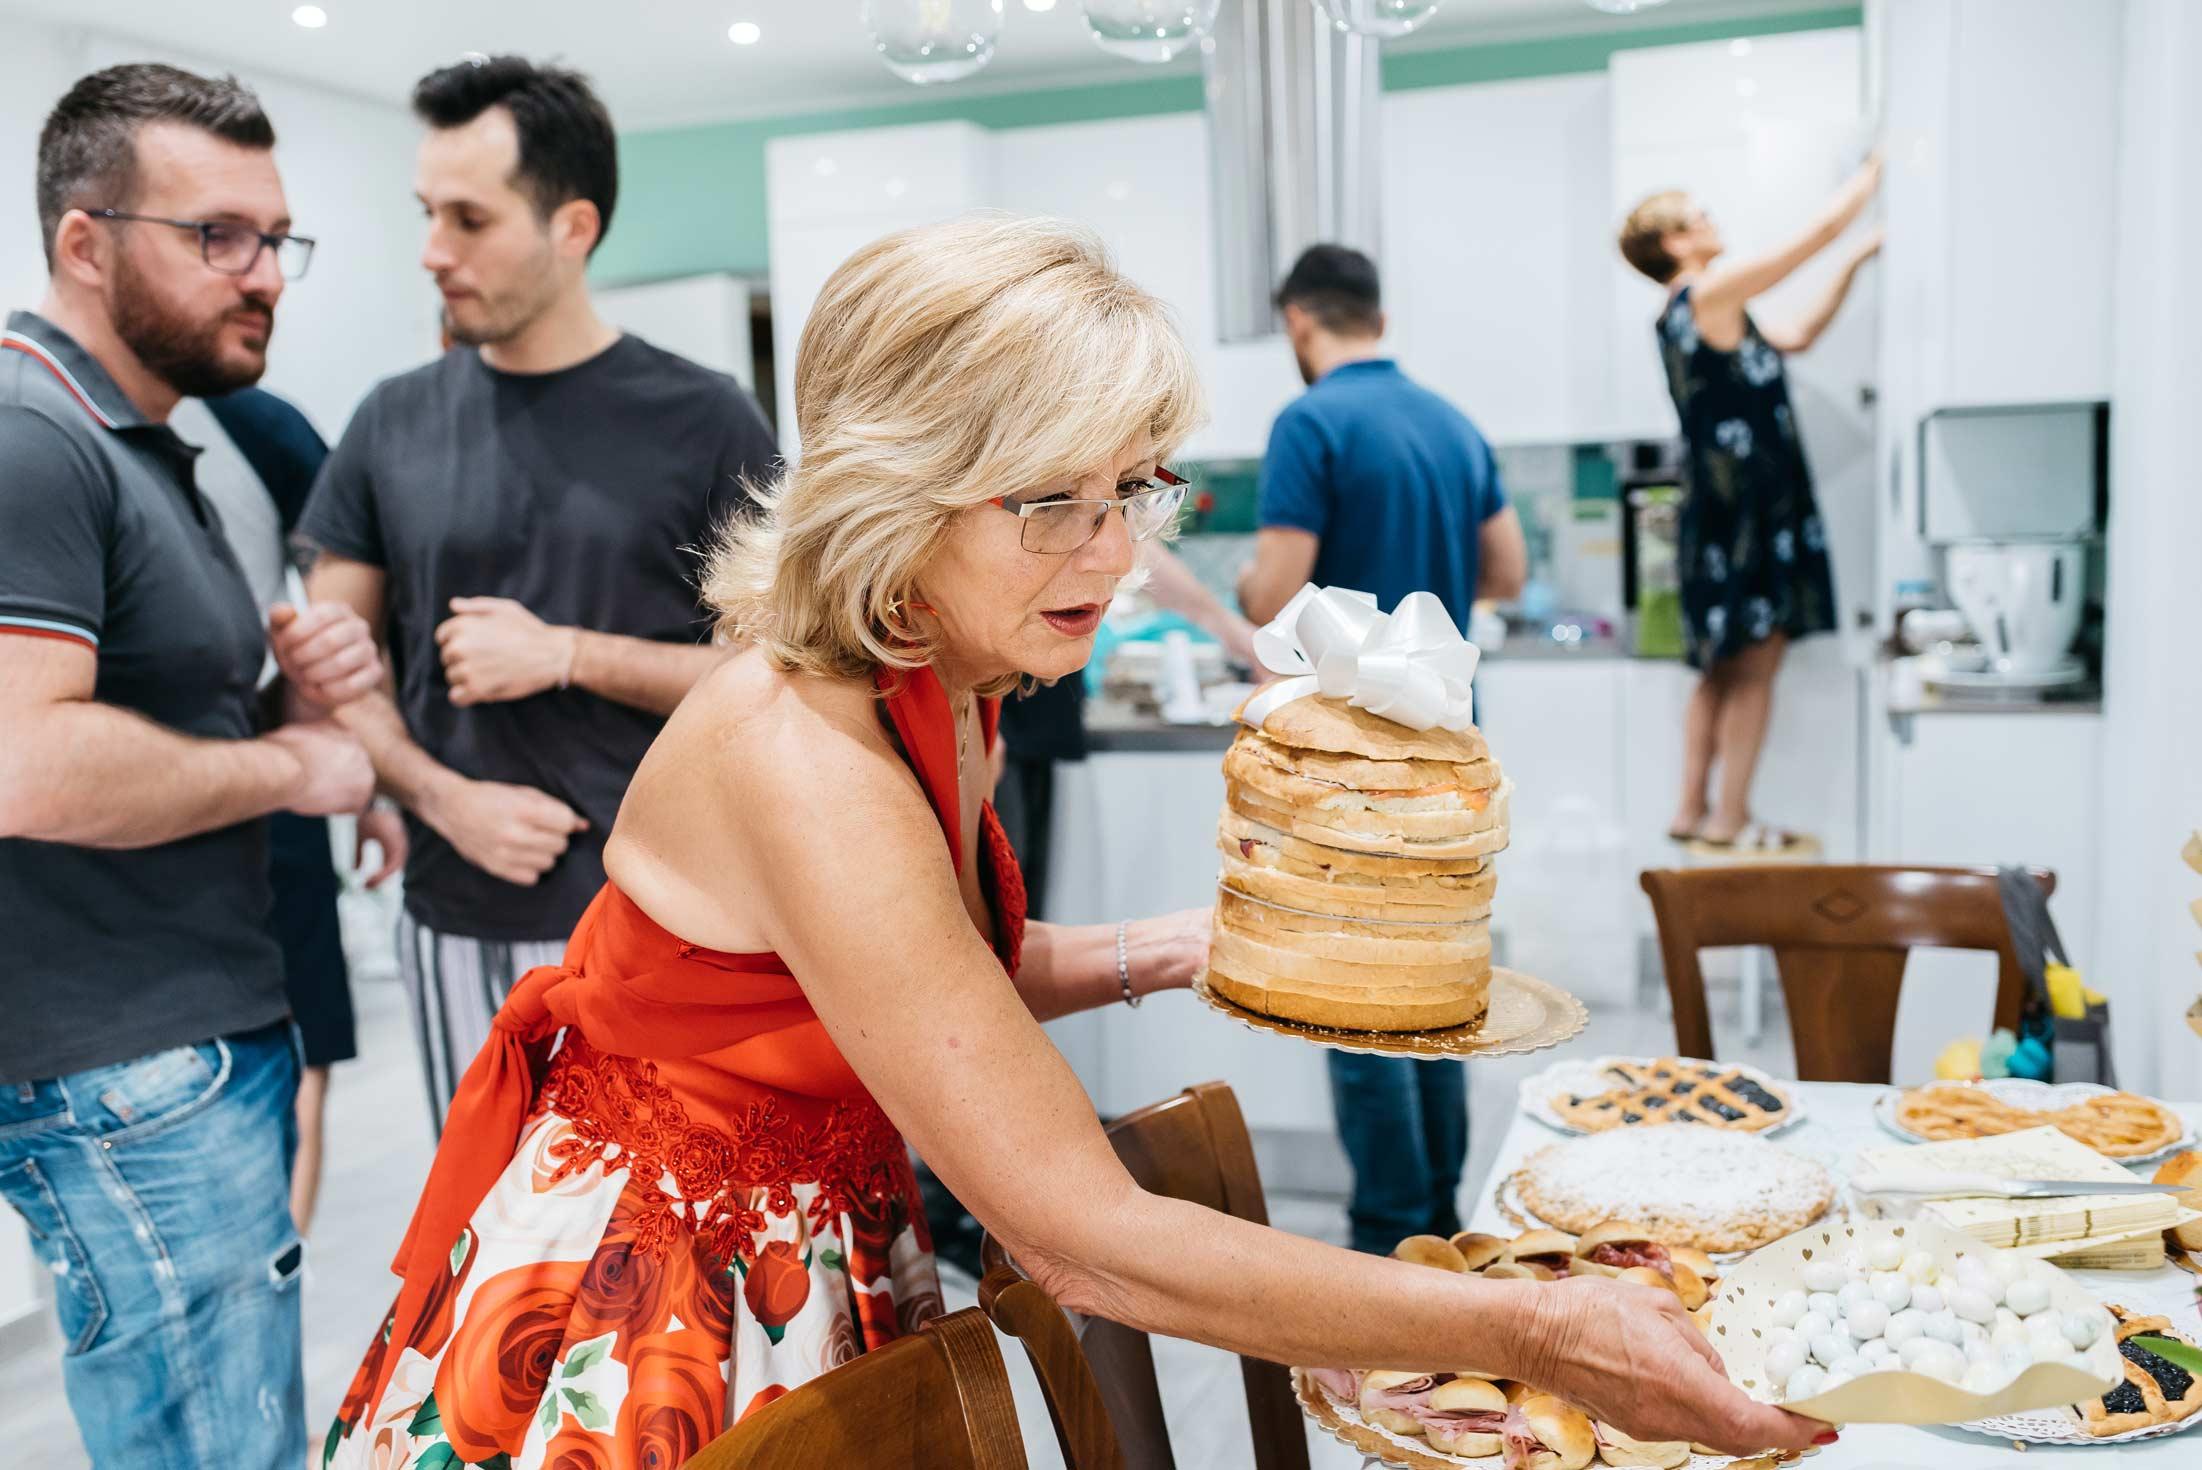 Fotografo-Matrimonio-Reportage-Preparativi-Sposo